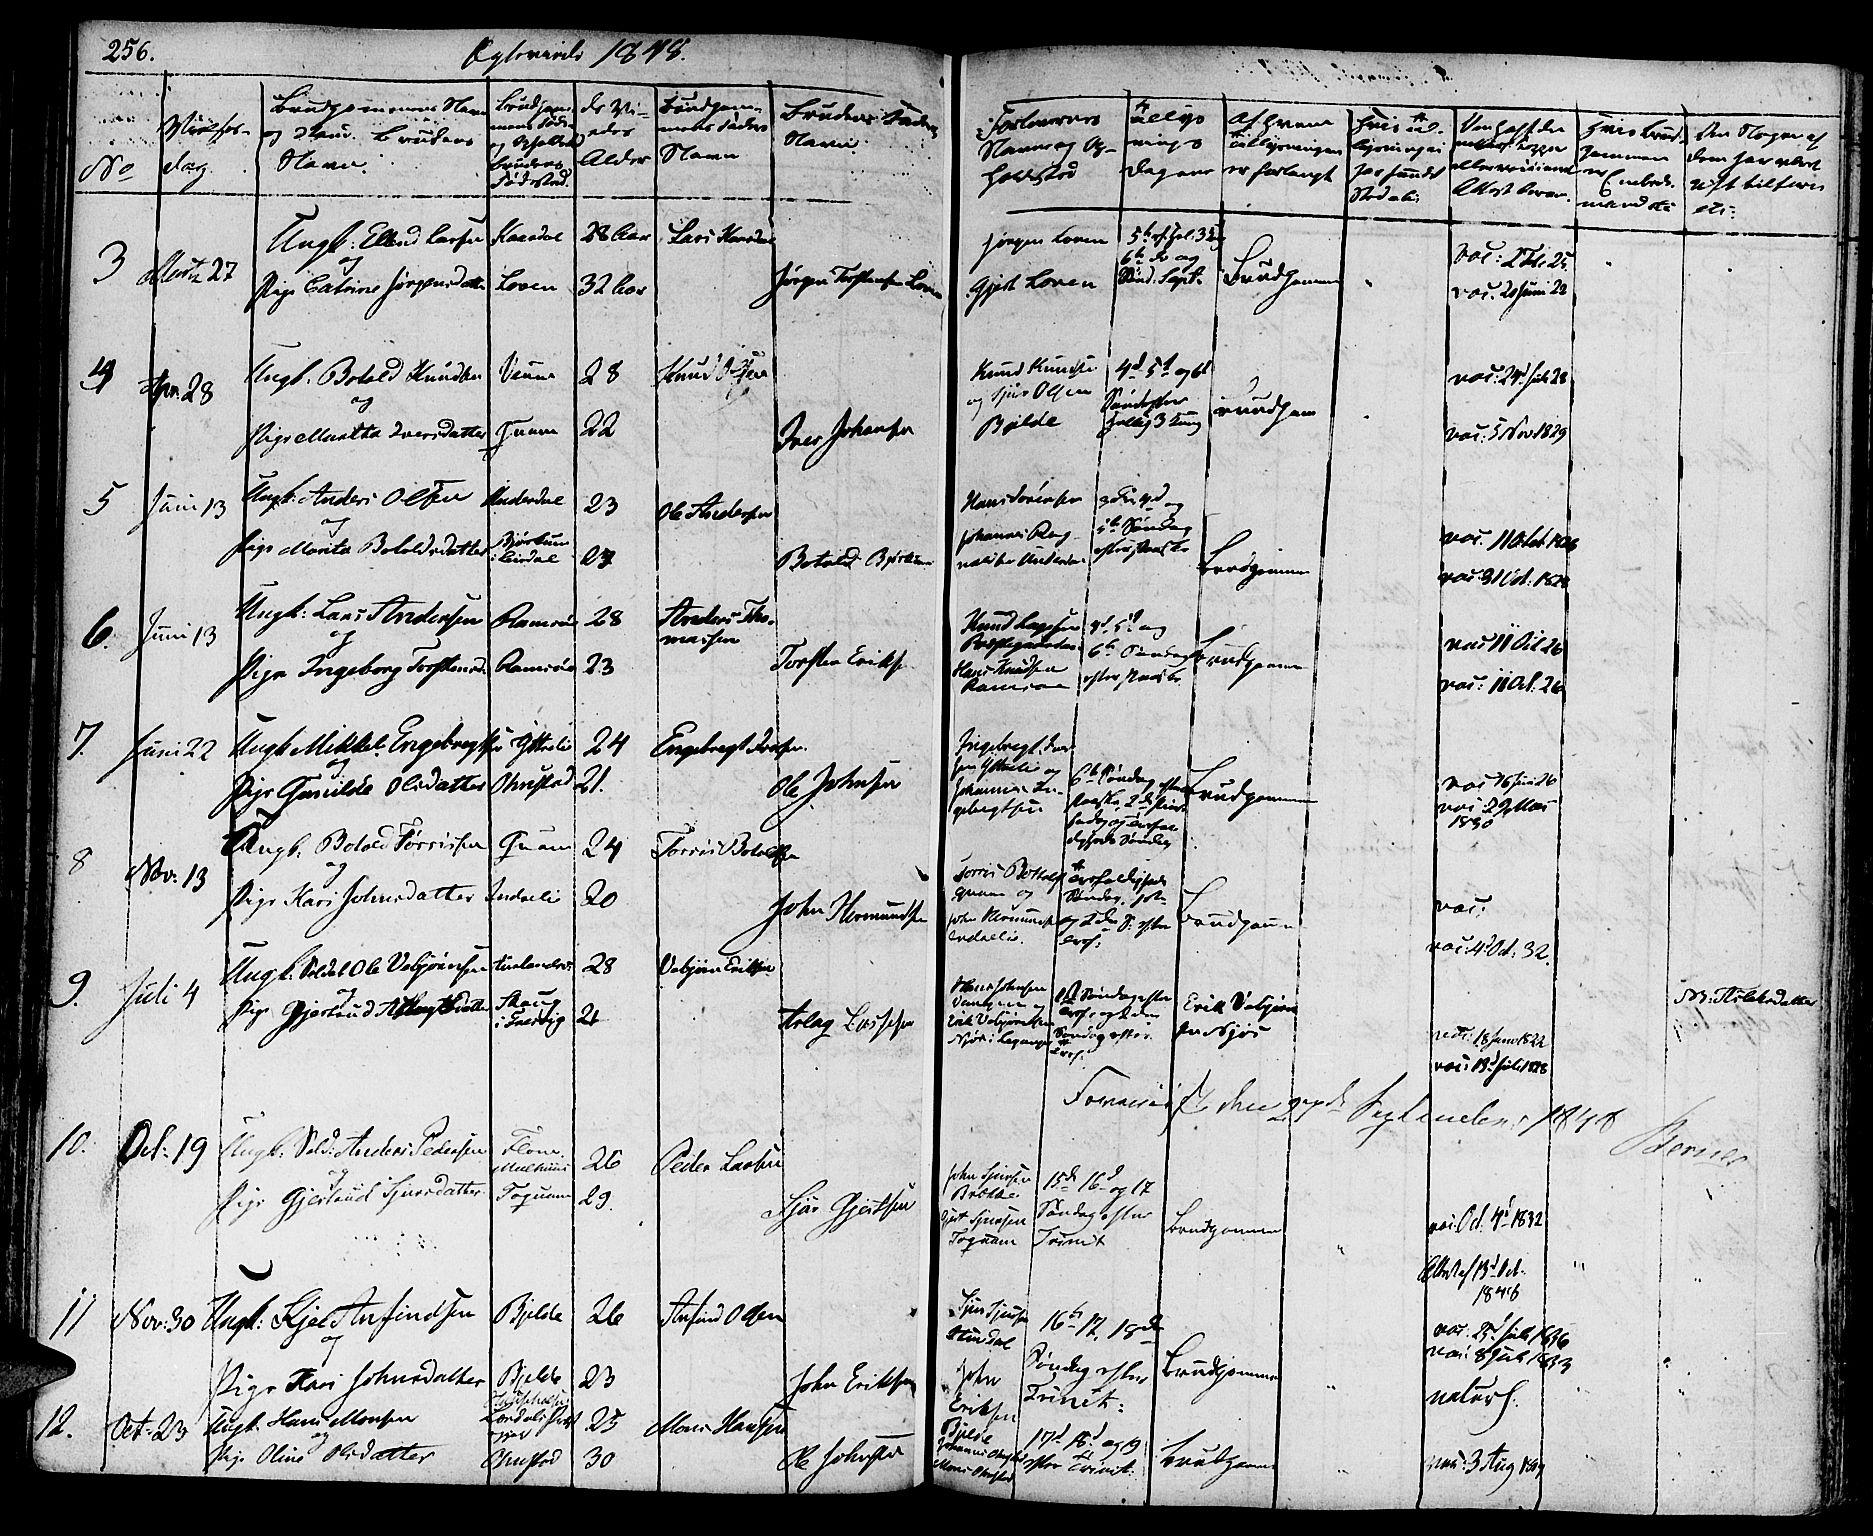 SAB, Aurland Sokneprestembete*, Ministerialbok nr. A 6, 1821-1859, s. 256